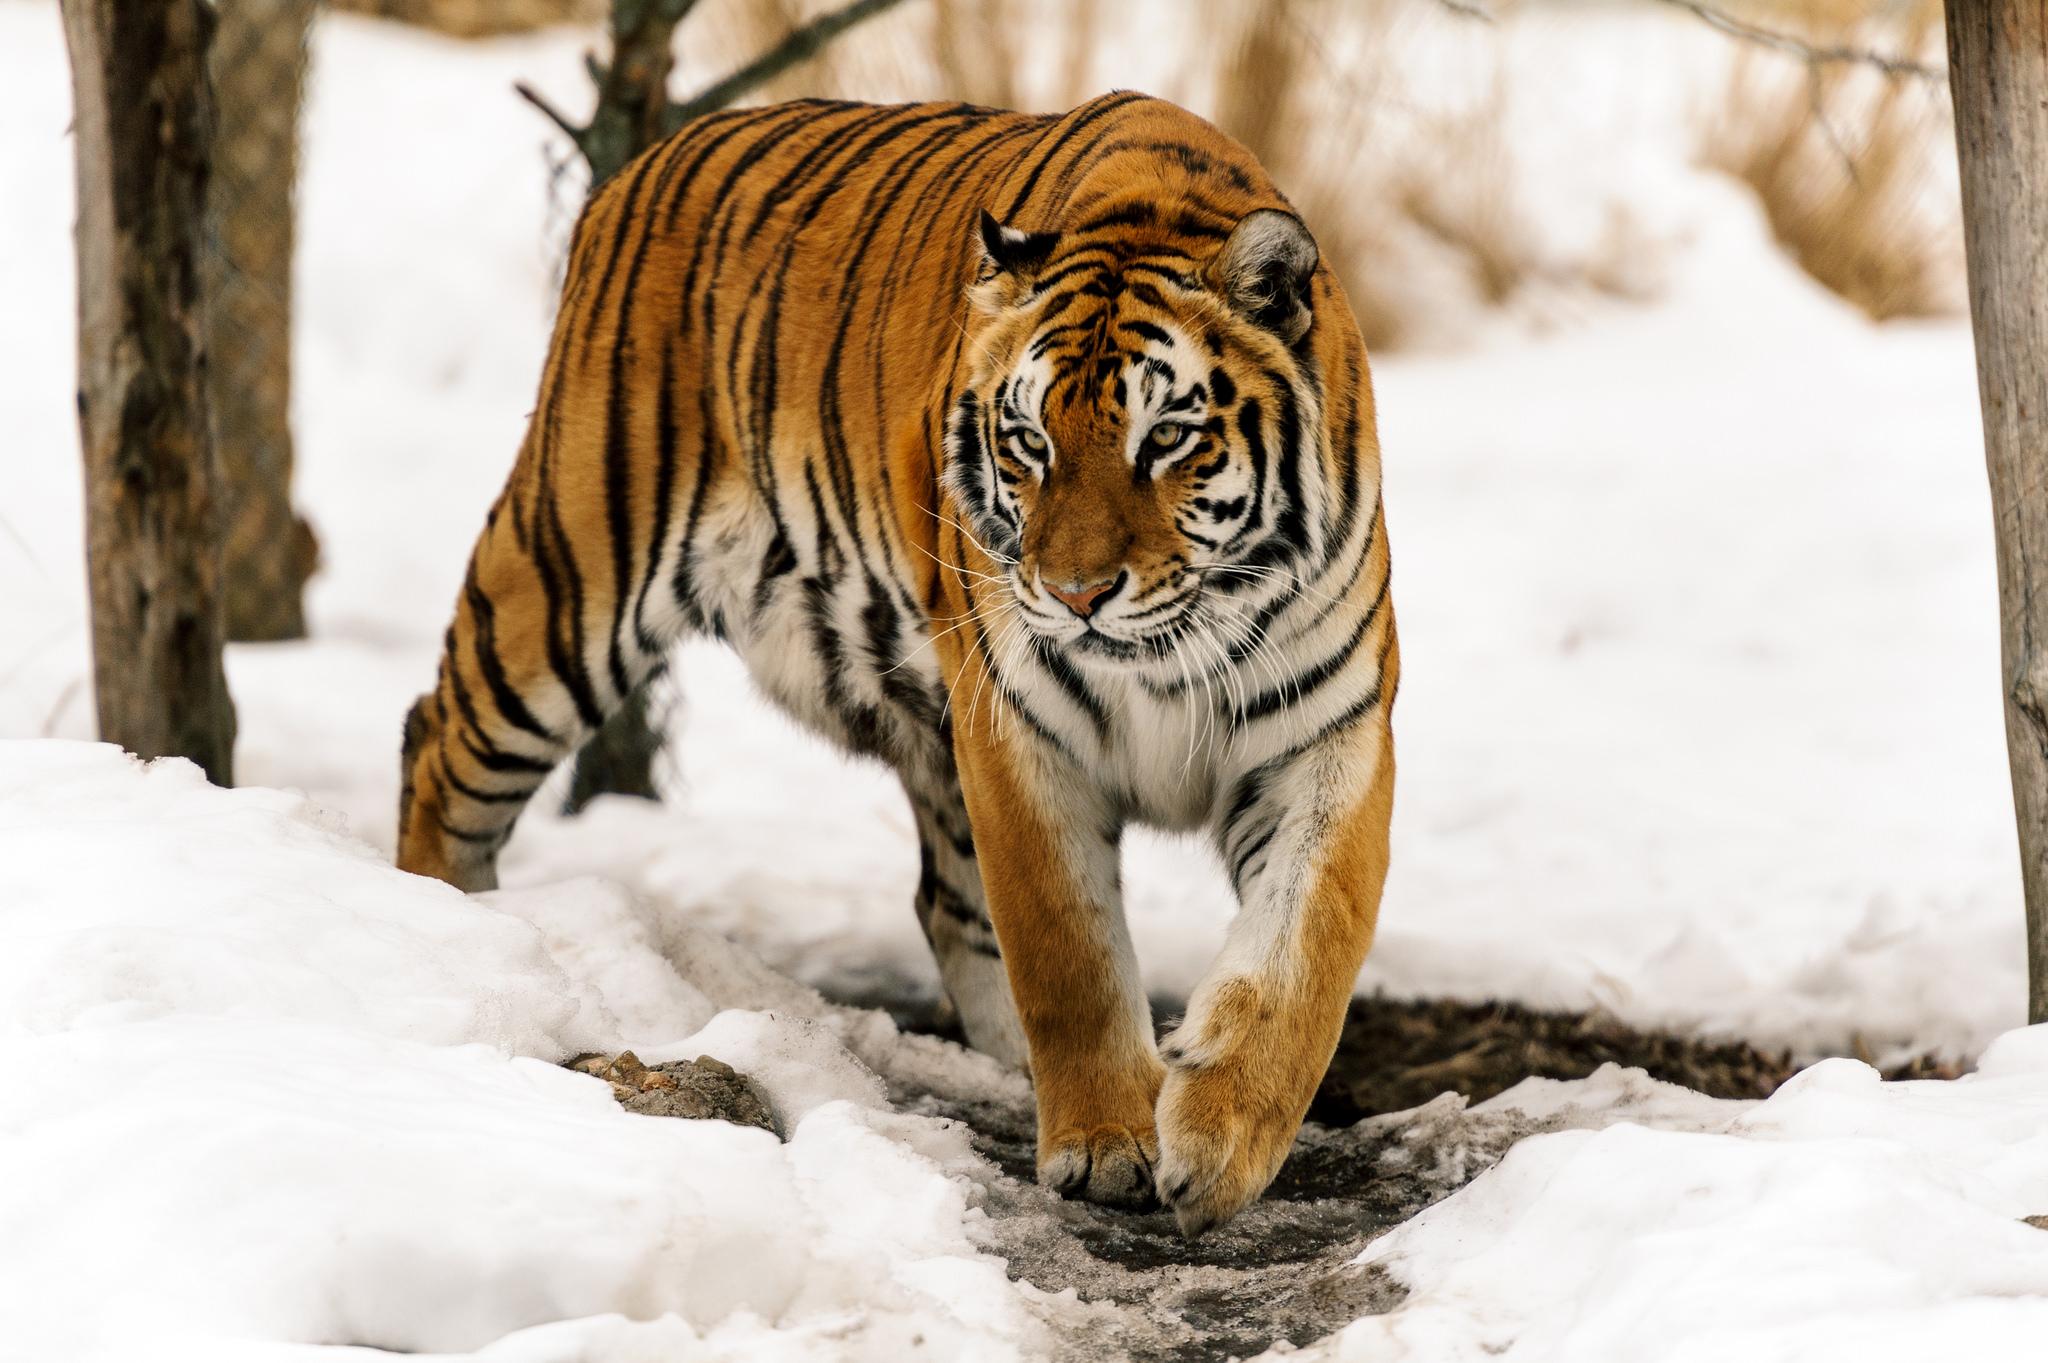 комплектация тигры картинки высокого качества могу